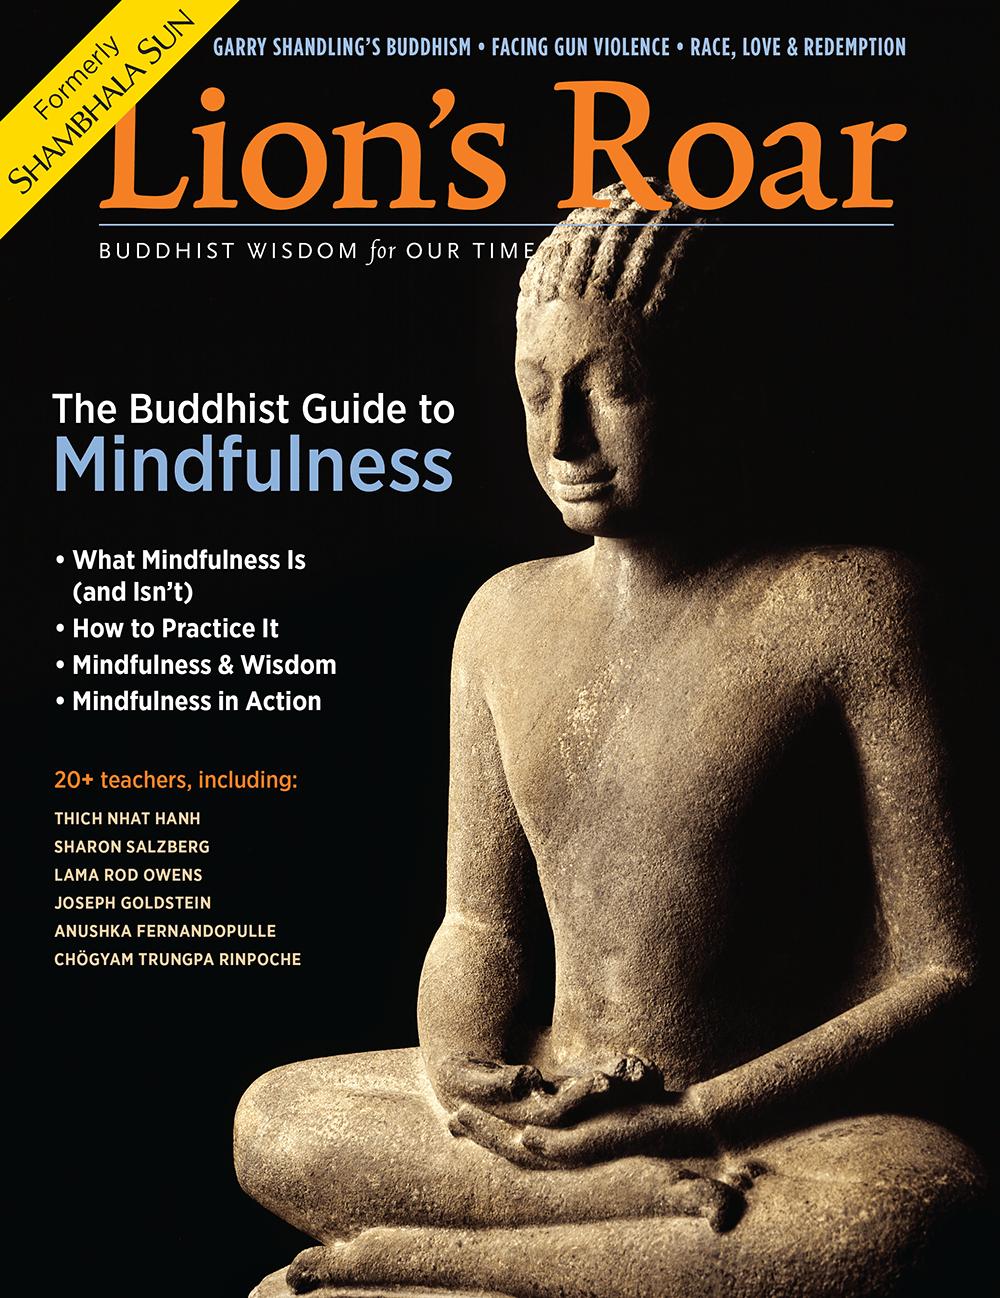 The september 2016 cover of Lion's Roar Magazine.